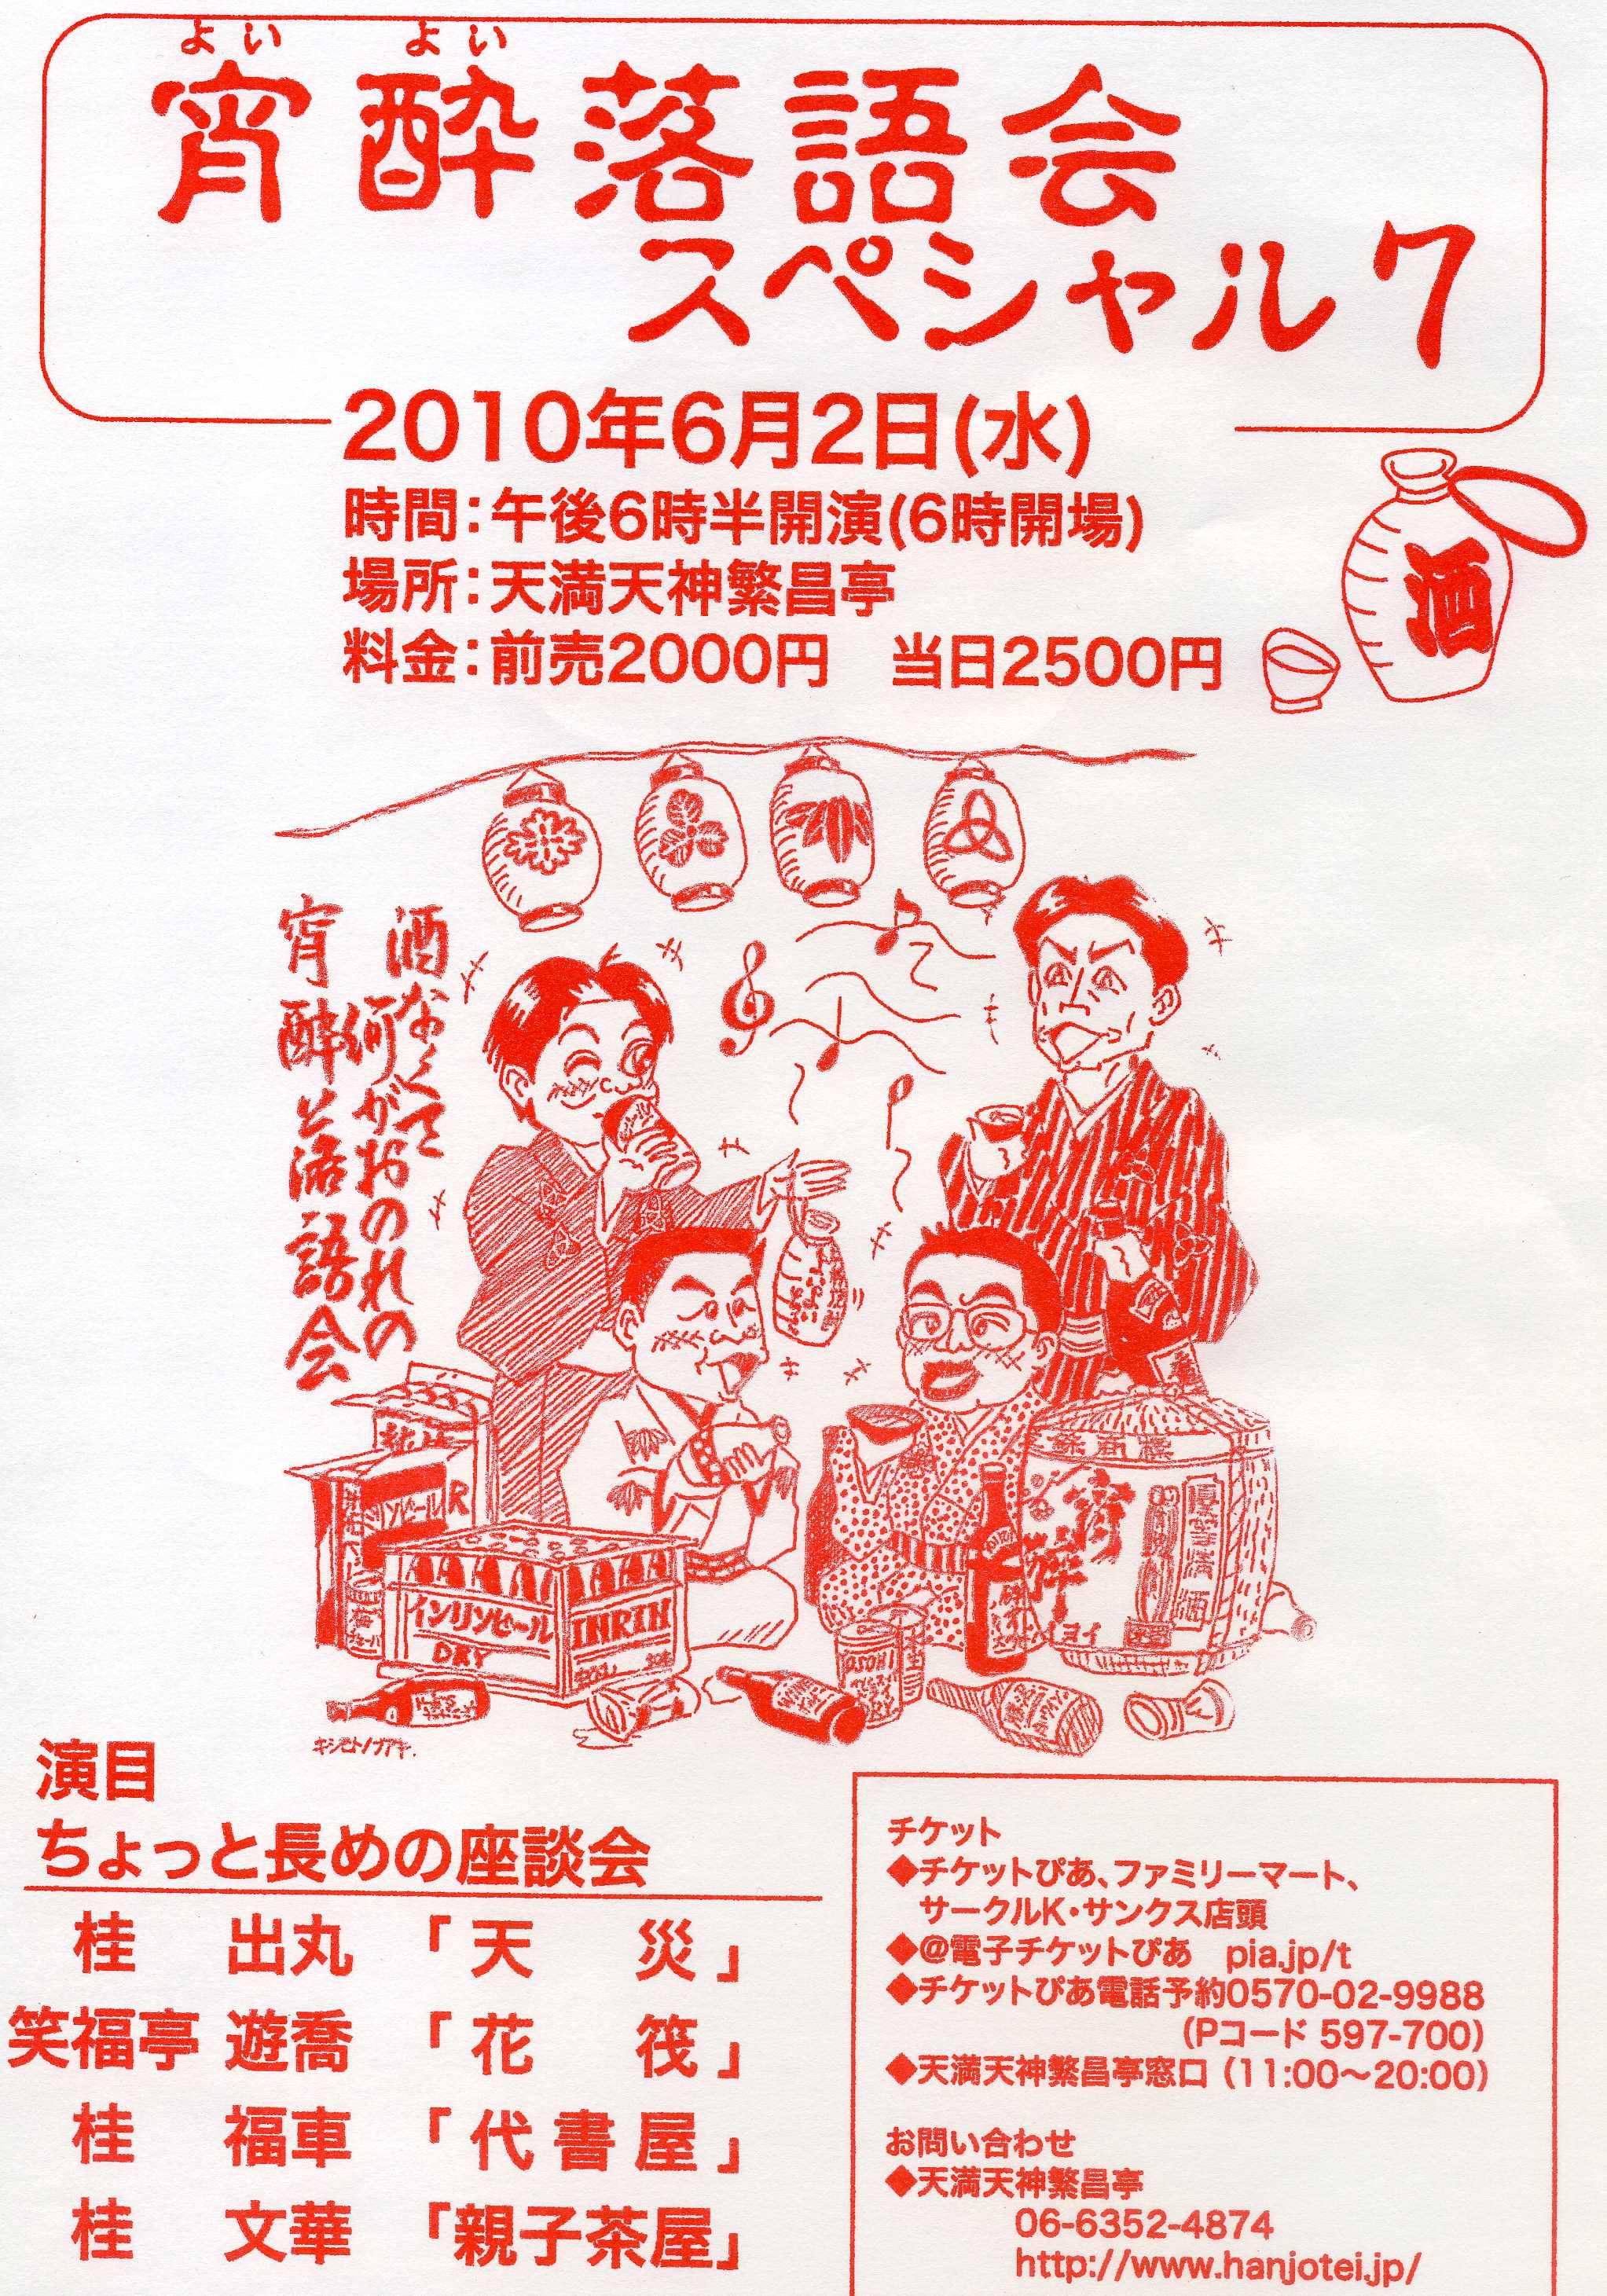 yoiyoispecial003.jpg